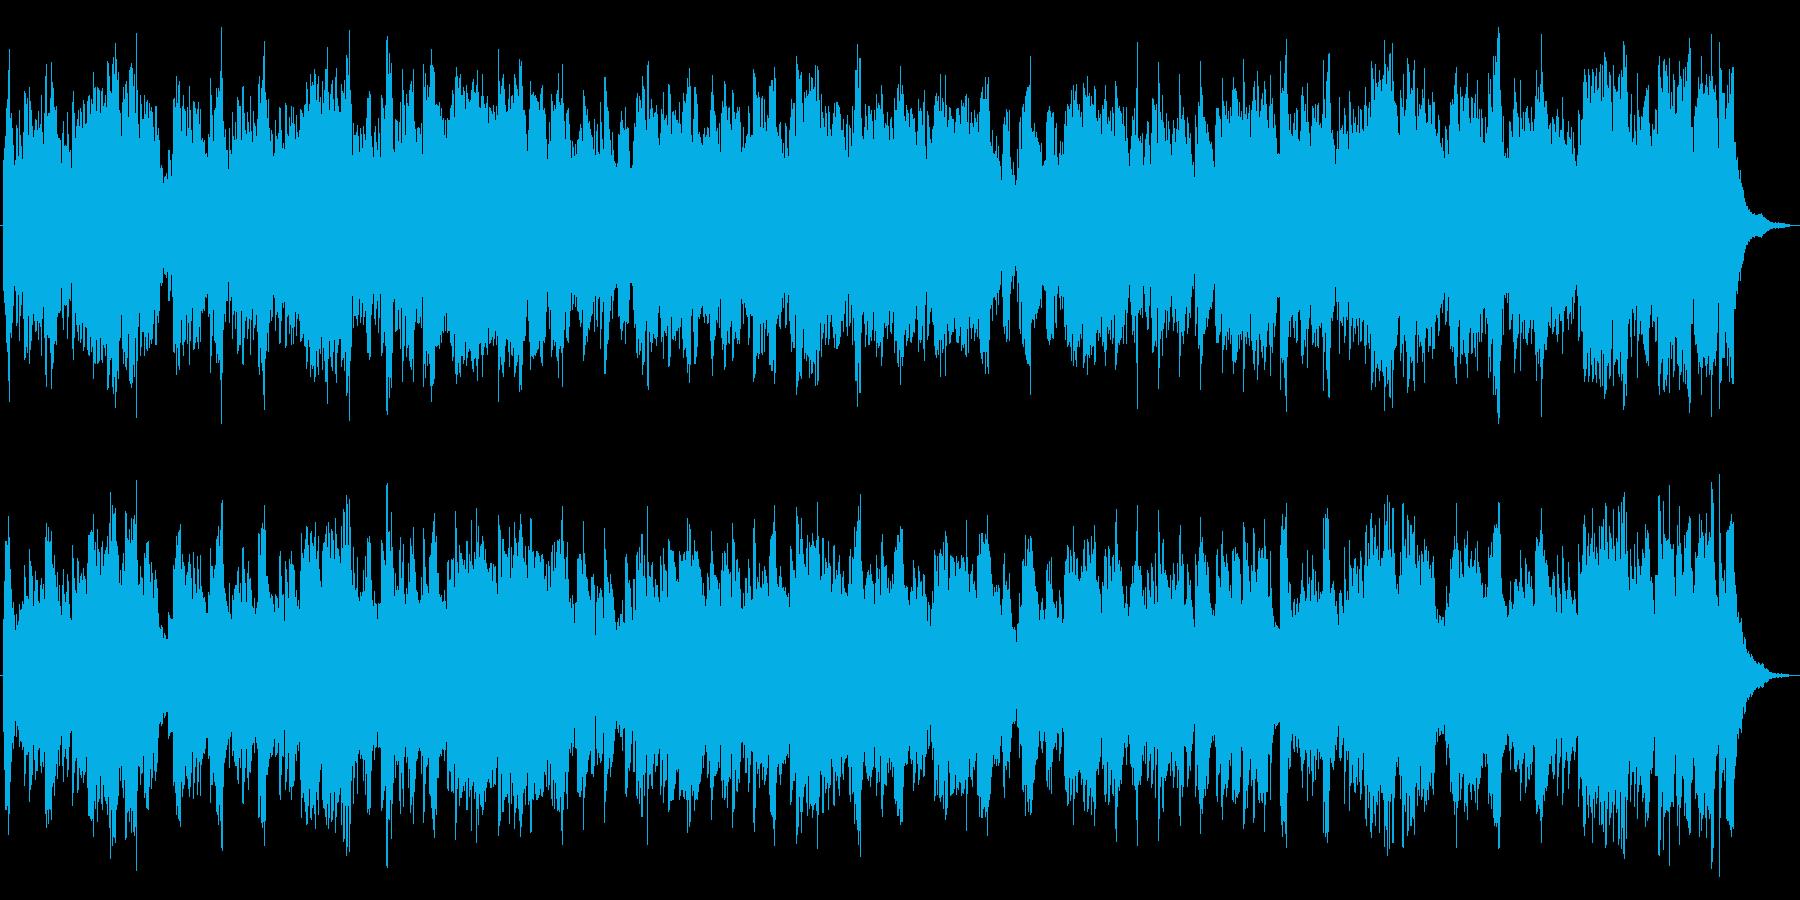 ニュースのOP風 疾走感のあるピアノソロの再生済みの波形